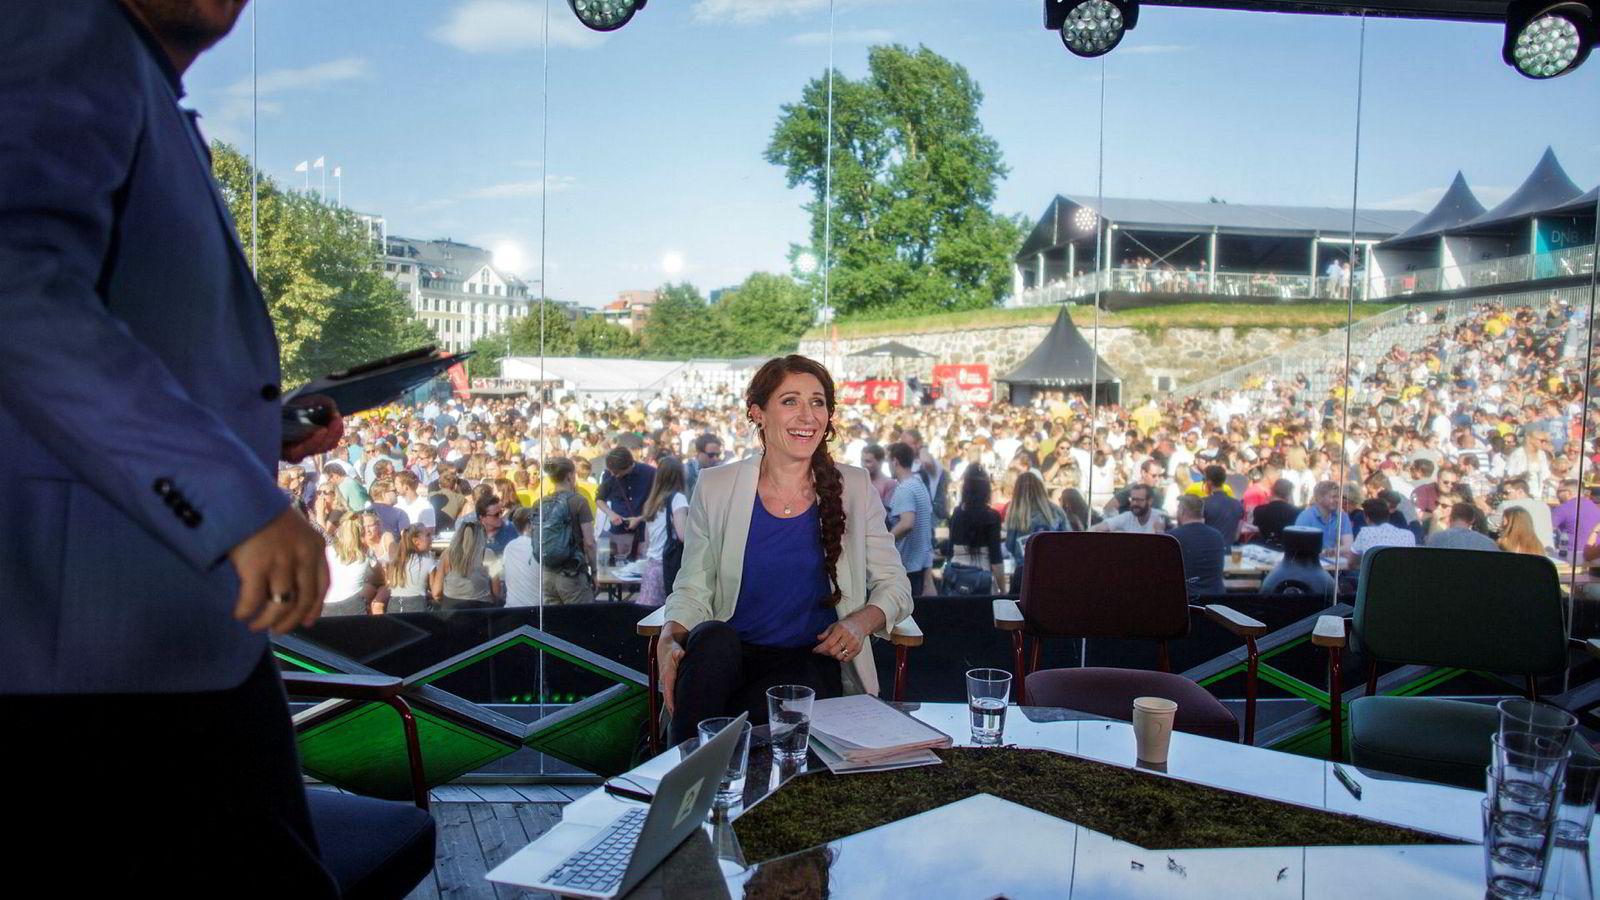 – Jeg er ikke alltid glad i den måten prestasjoner og det menneskelige vurderes på i fotballverden, sier Lise Klaveness. Her er hun i tv-studioet på Kontraskjæret i Oslo under fotball-VM.